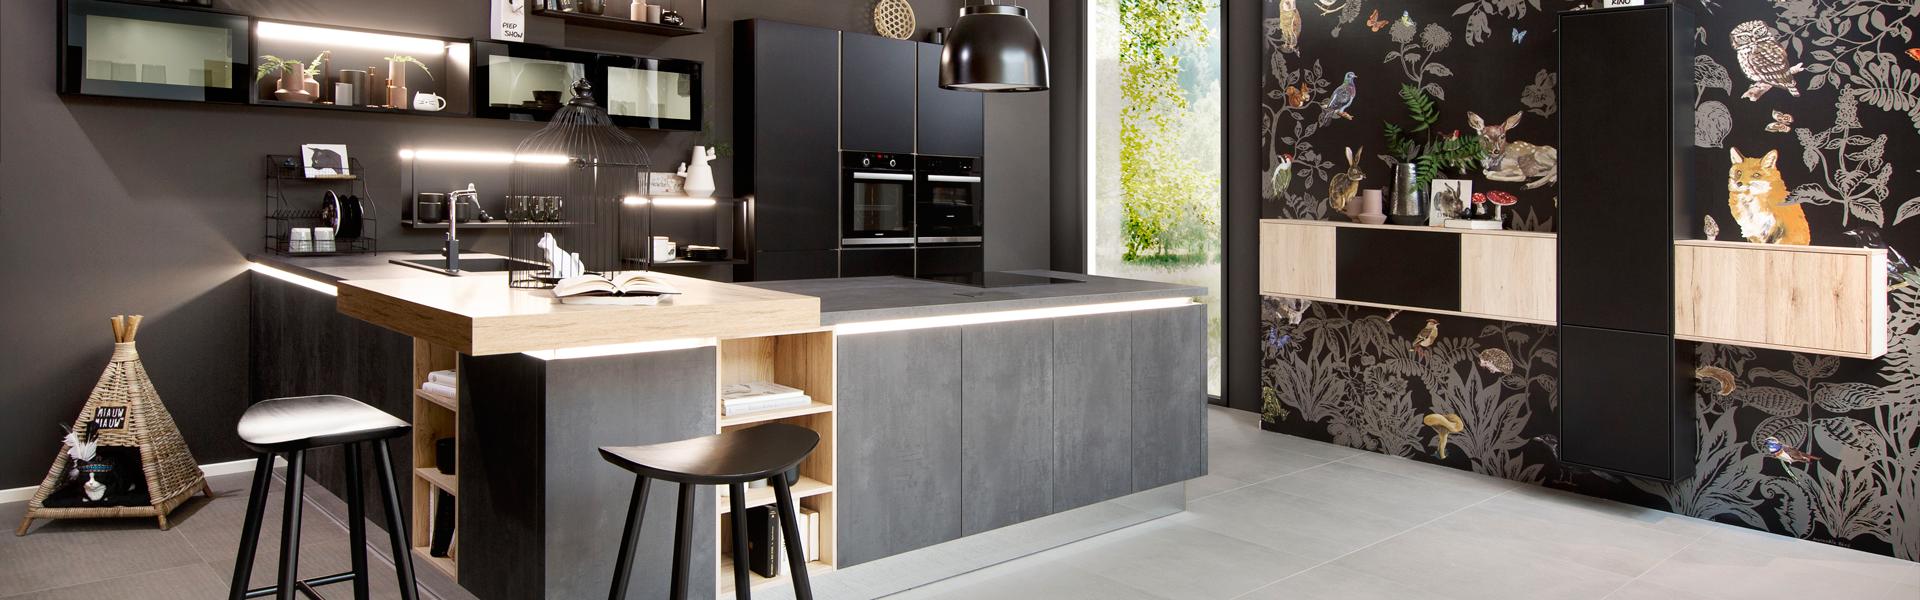 Ruimtelijke keuken met bar   Keuken inspiratie bij Eigenhuis Keuken